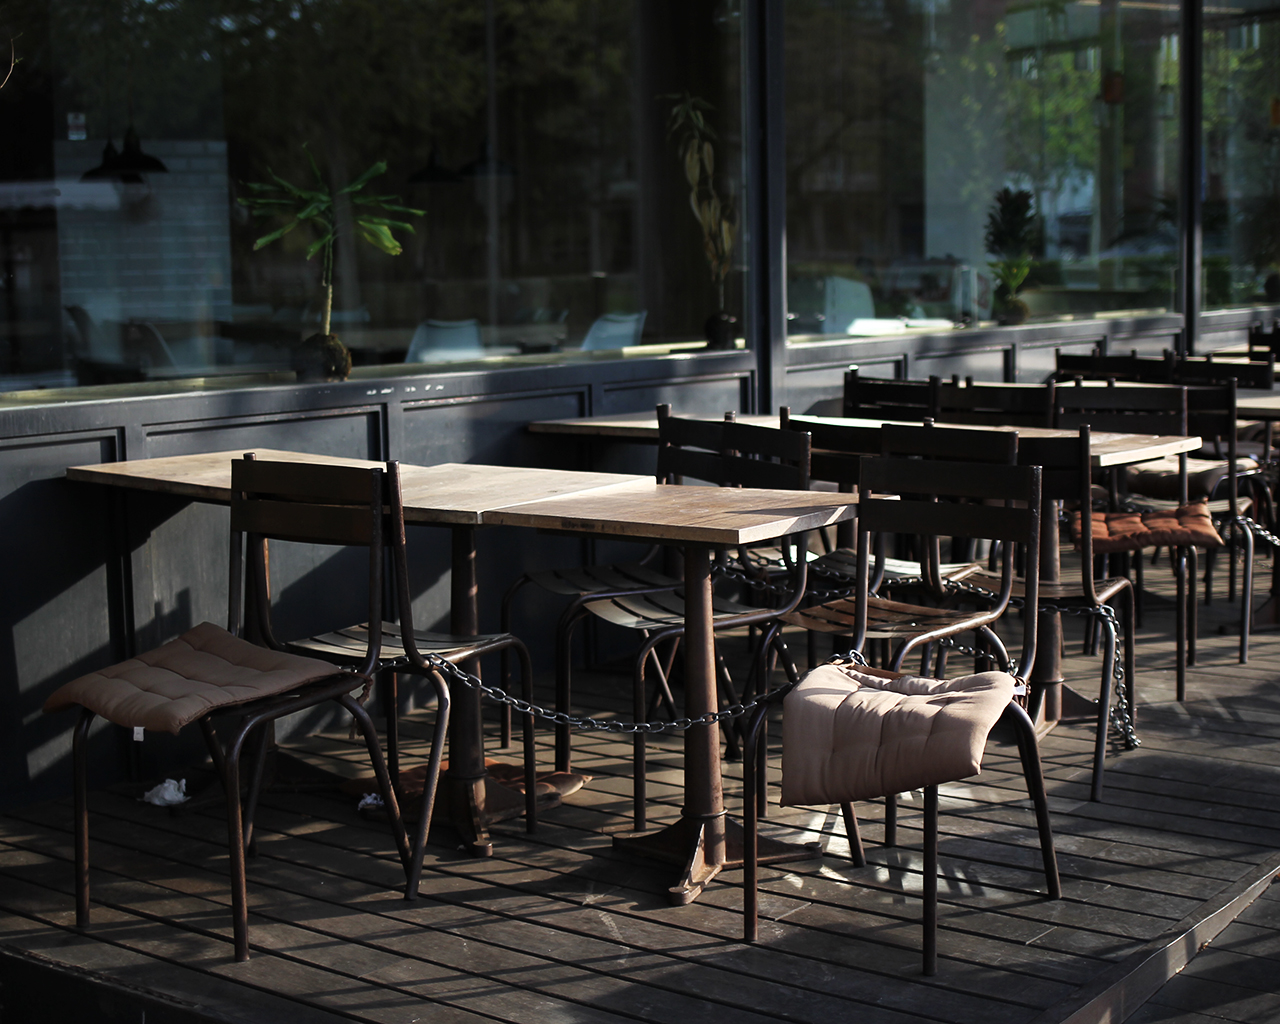 Una cafetería cerrada, junto al Paseo de la Castellana. Madrid. 30/03/2020.